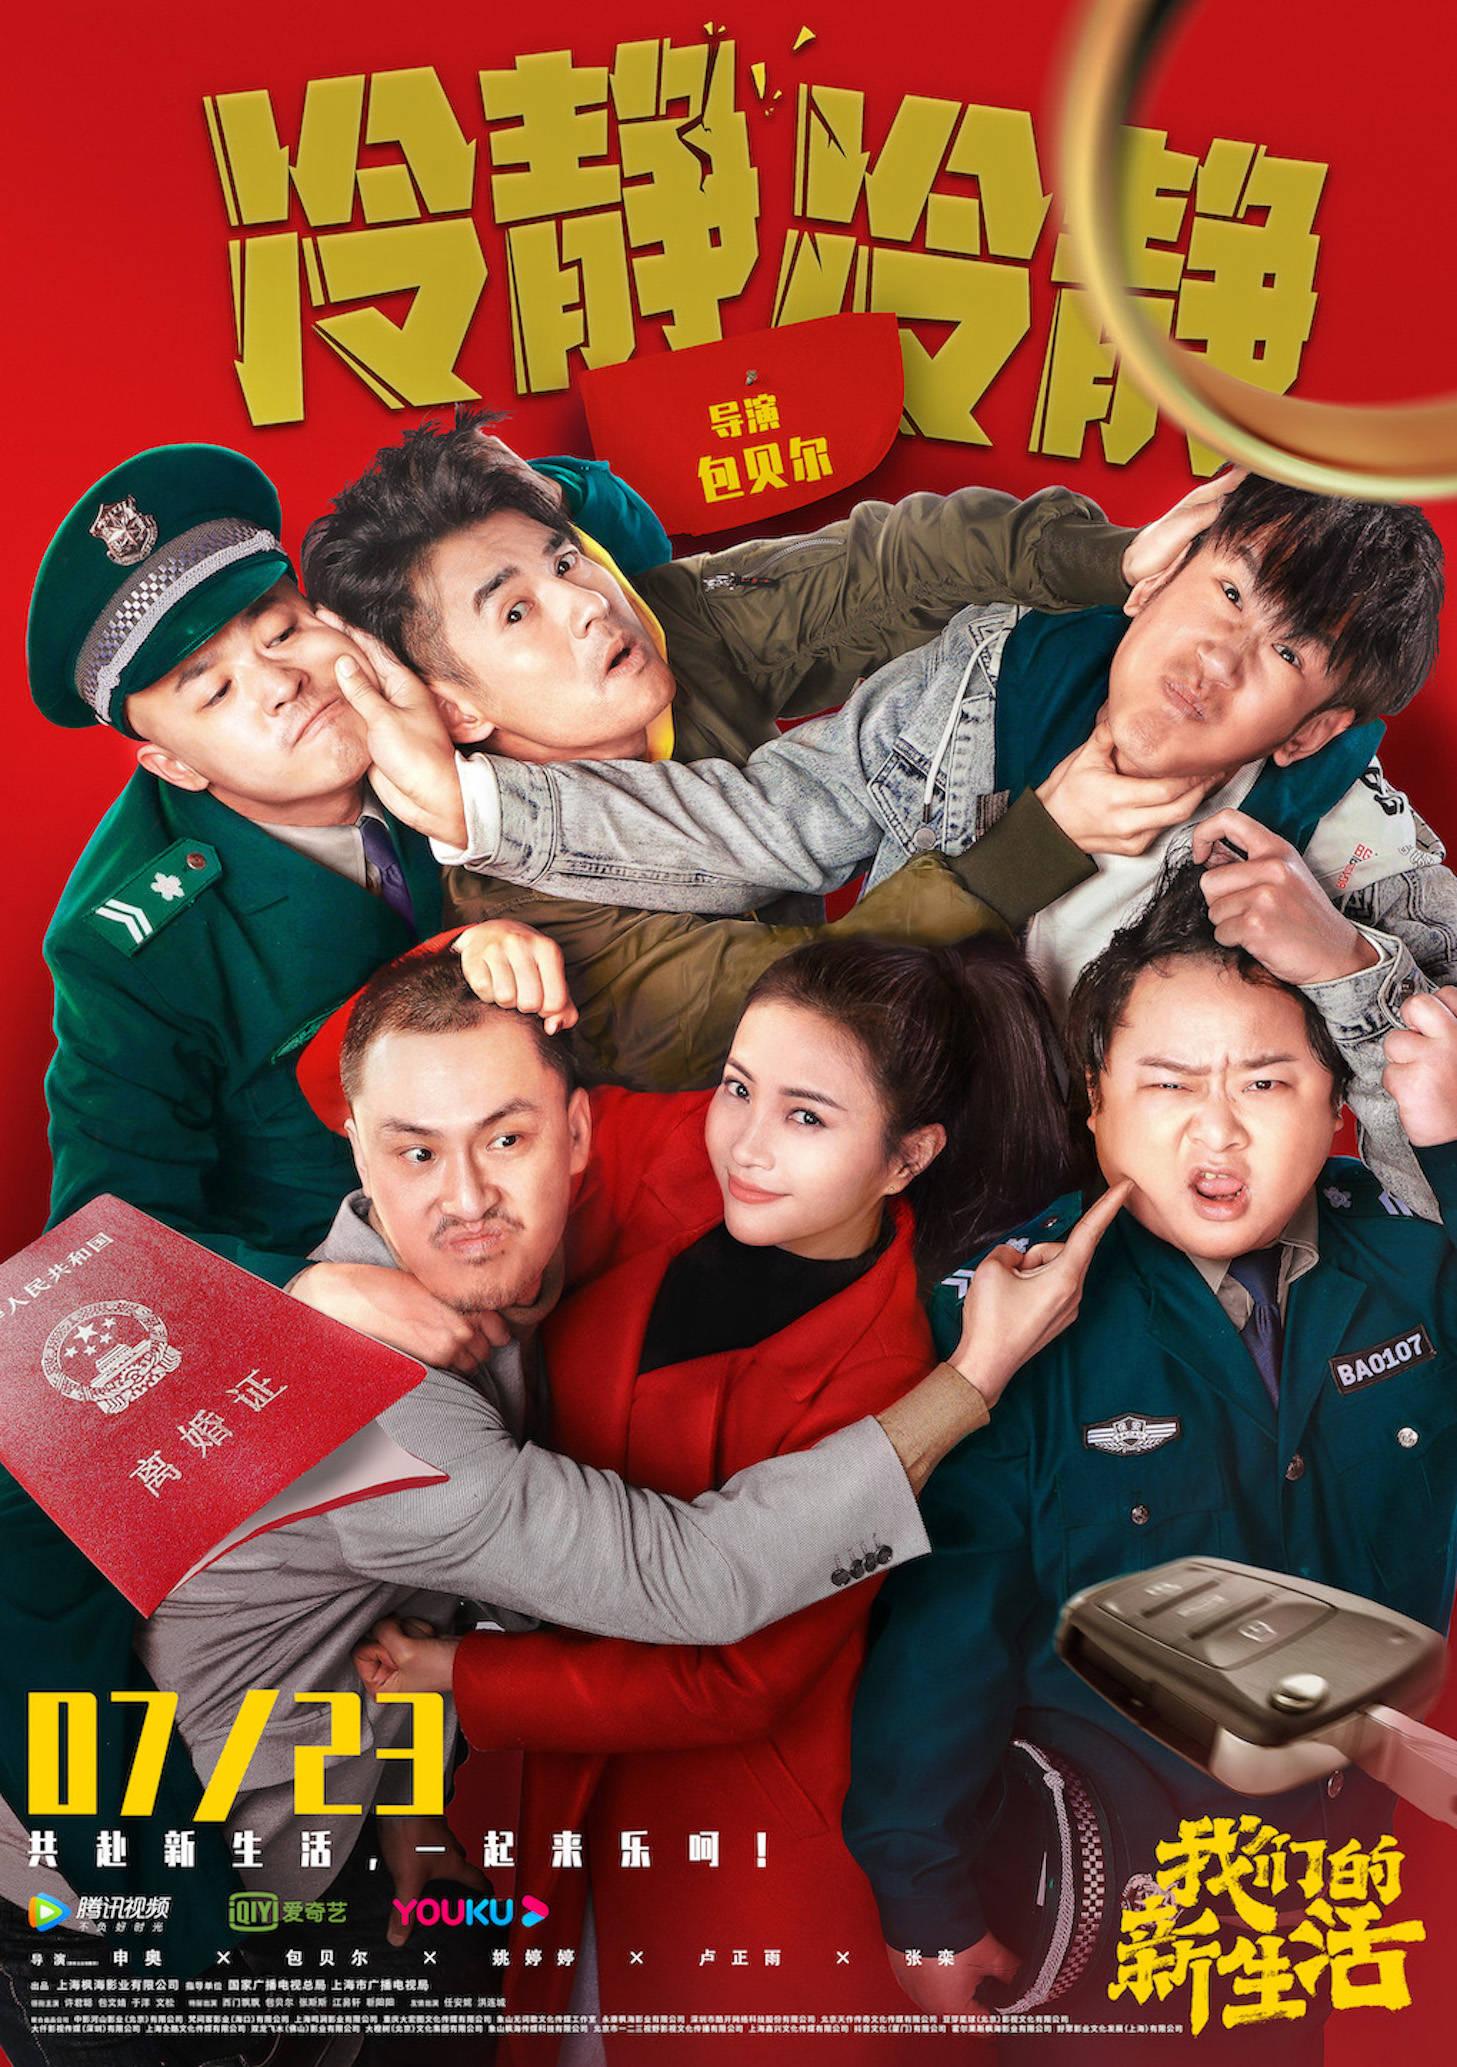 电影《我们的新生活》发布单元海报 小人物大情怀书写时代新篇章 爸爸 第2张